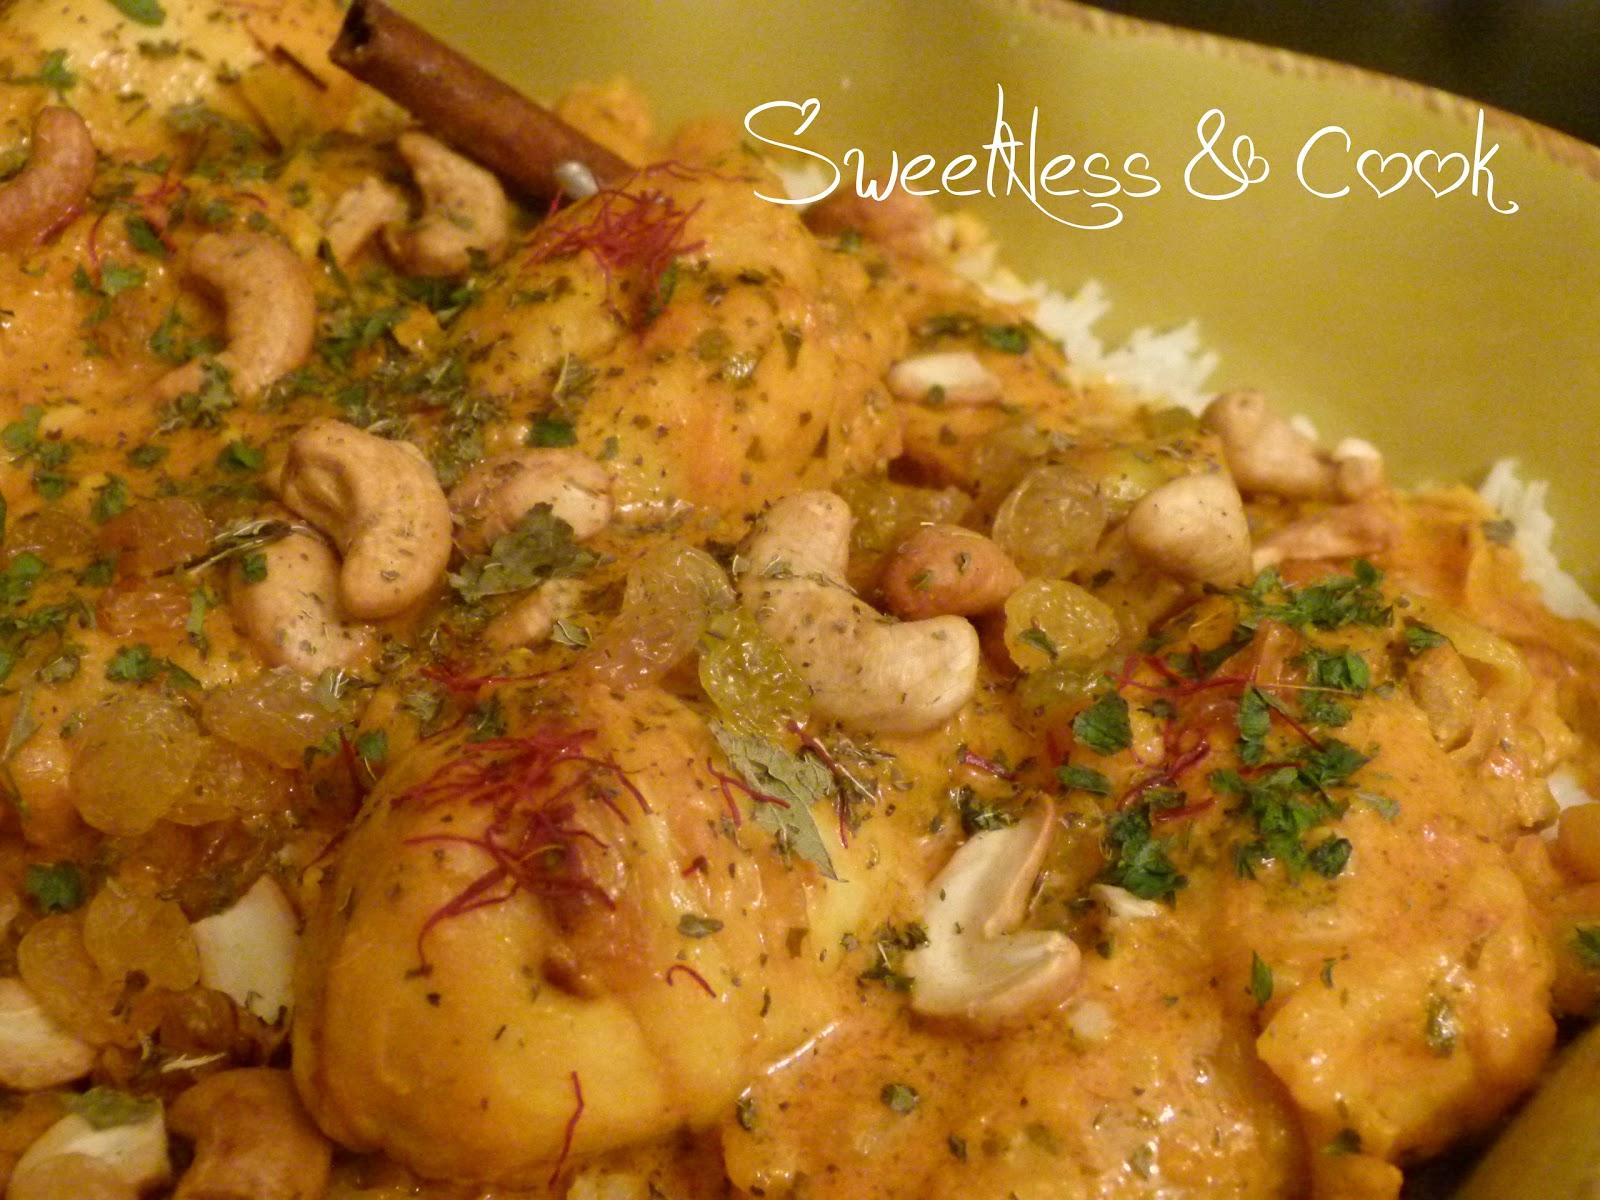 Biryani au poulet blogs de cuisine - Cuisine indienne biryani ...